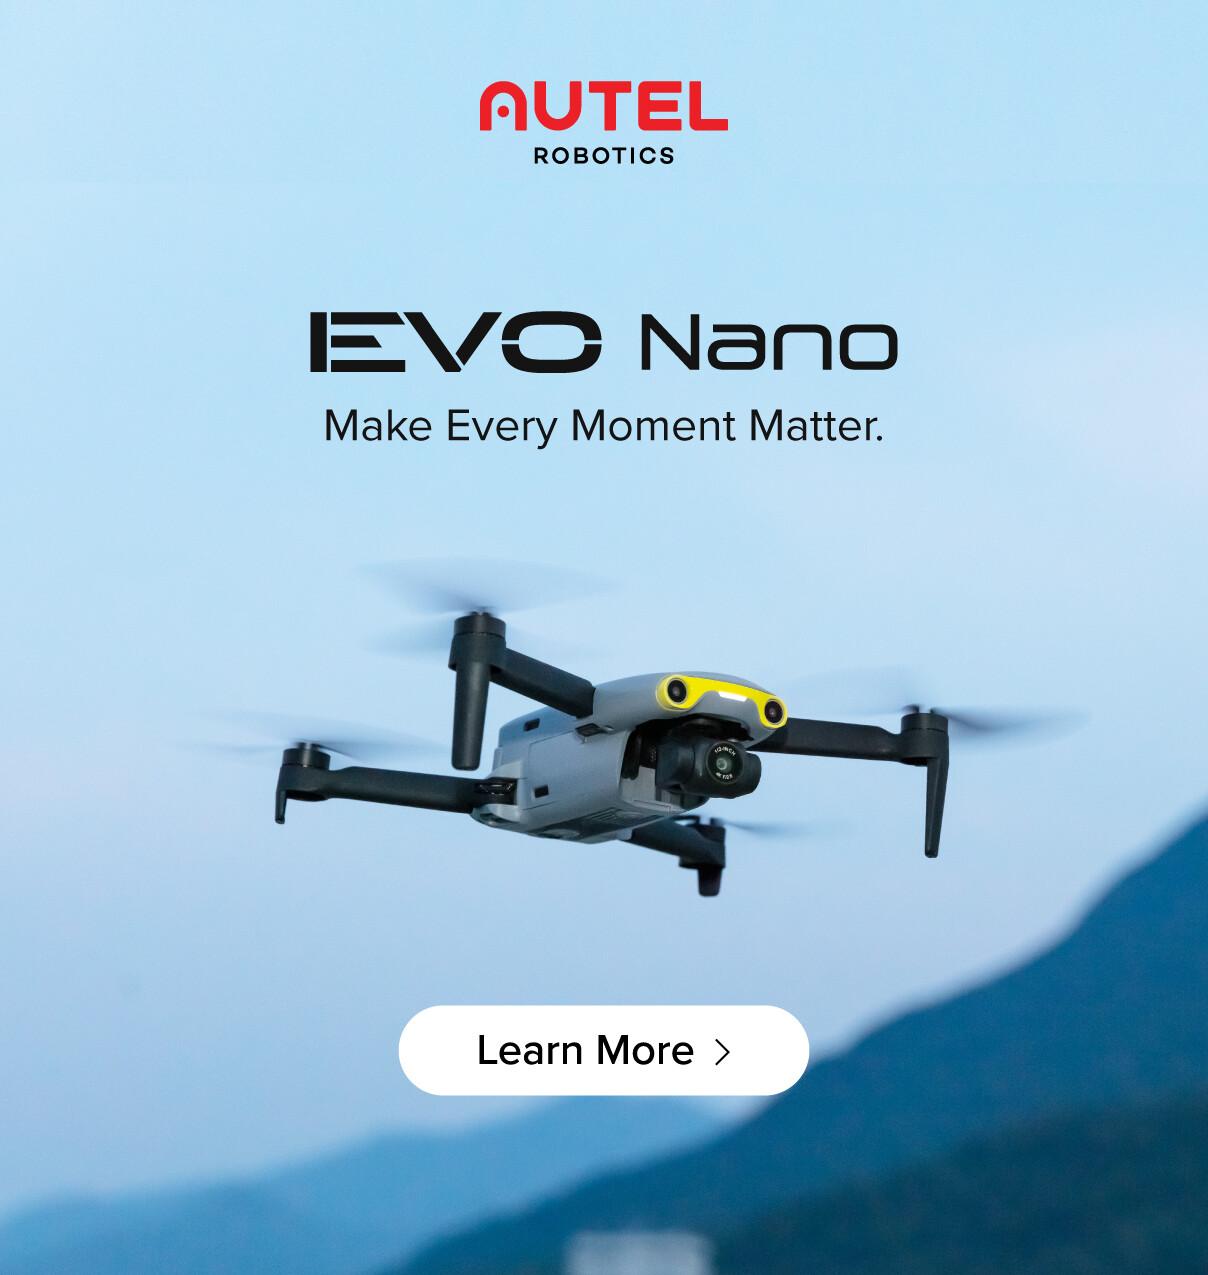 EVO Nano. Make Every Moment Matter.